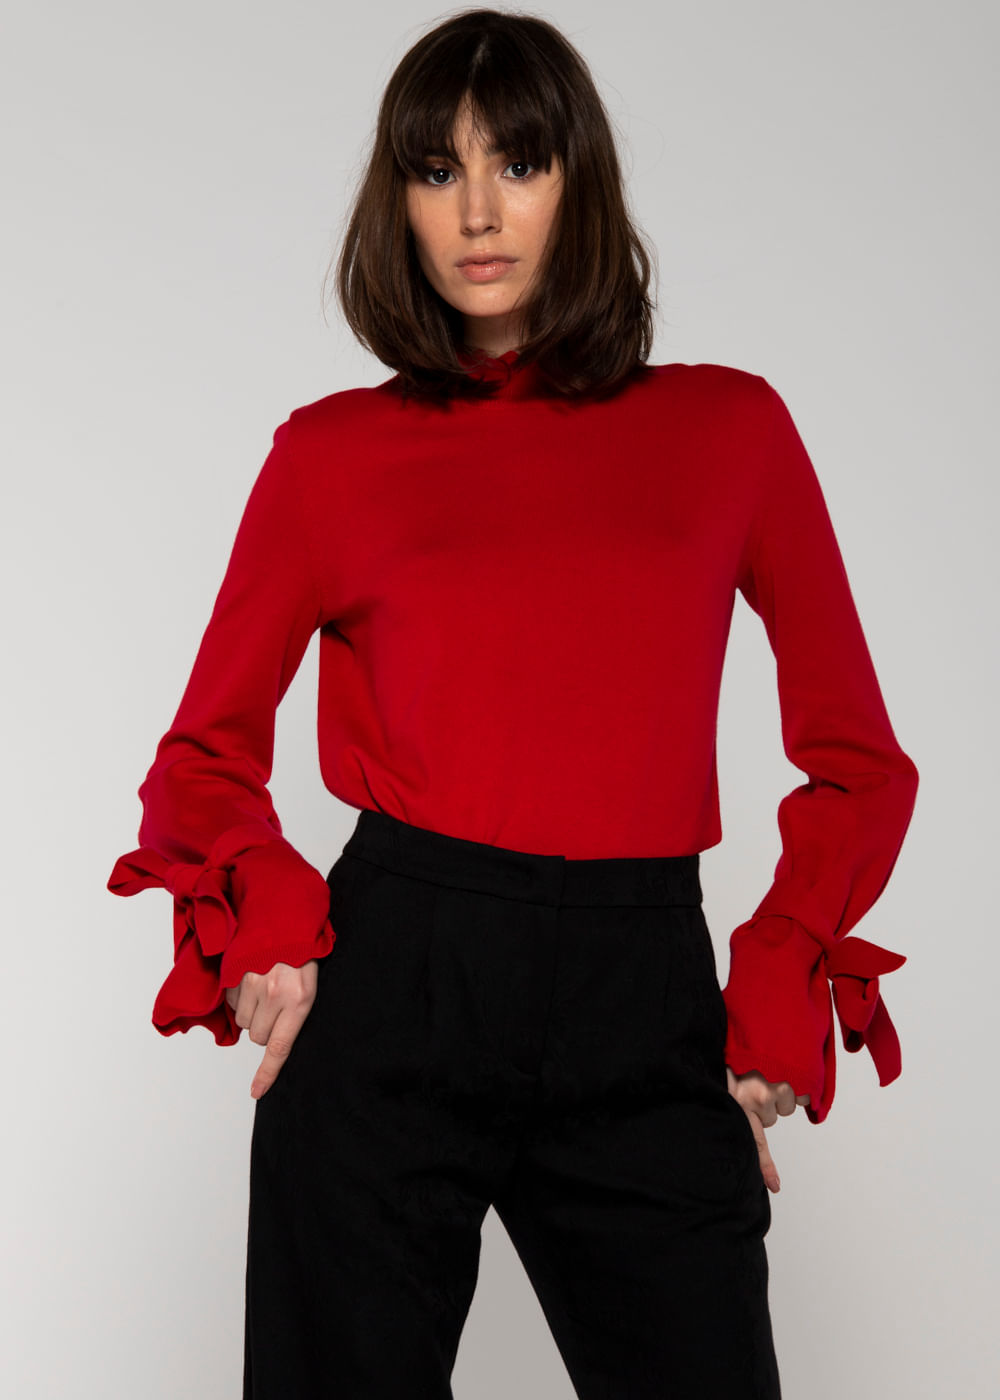 Suéter De Algodão Iris Vermelha Vermelha G